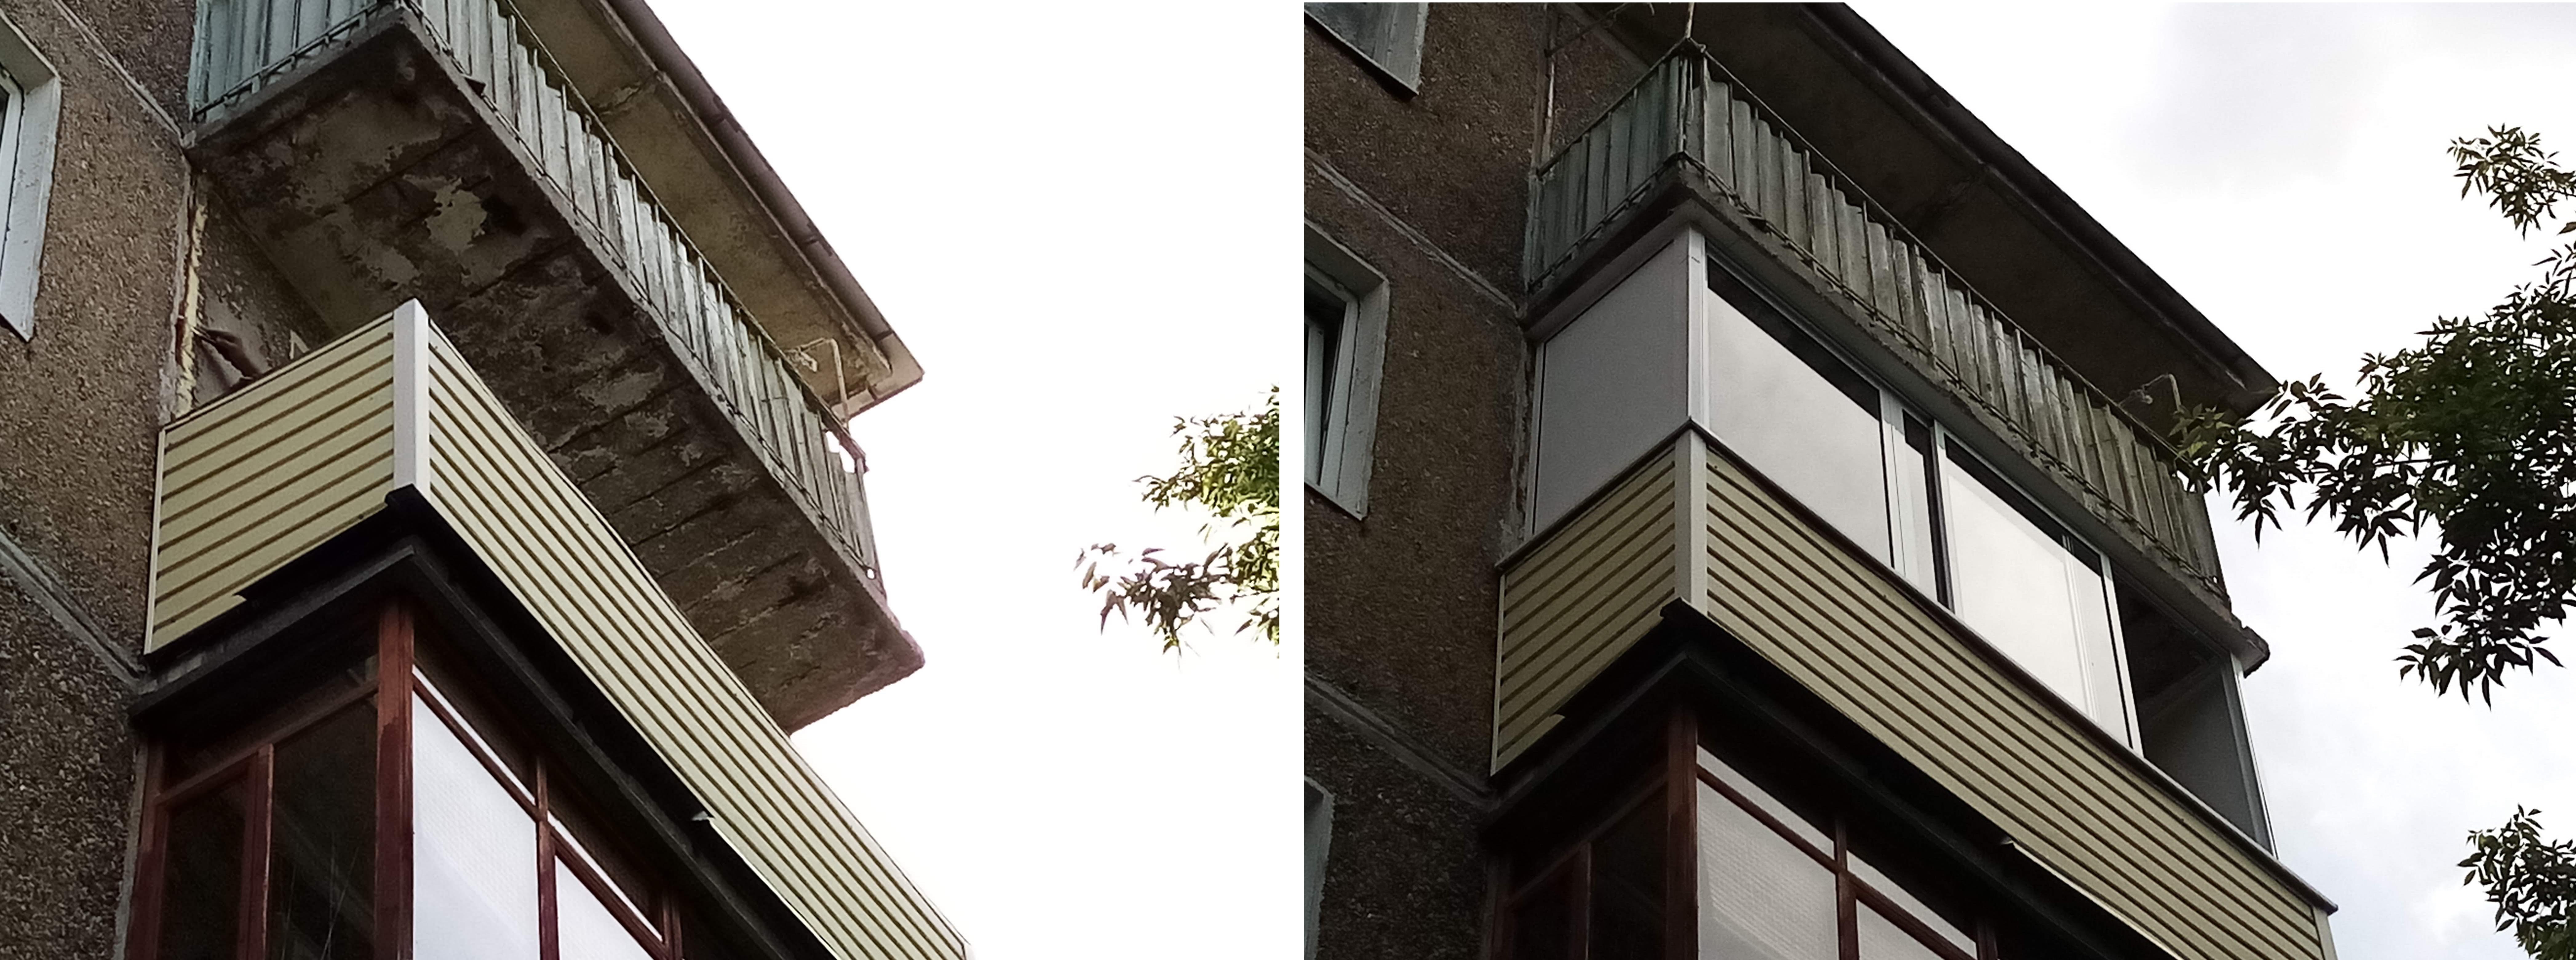 Остекление балкона хрущеска Чехов, с